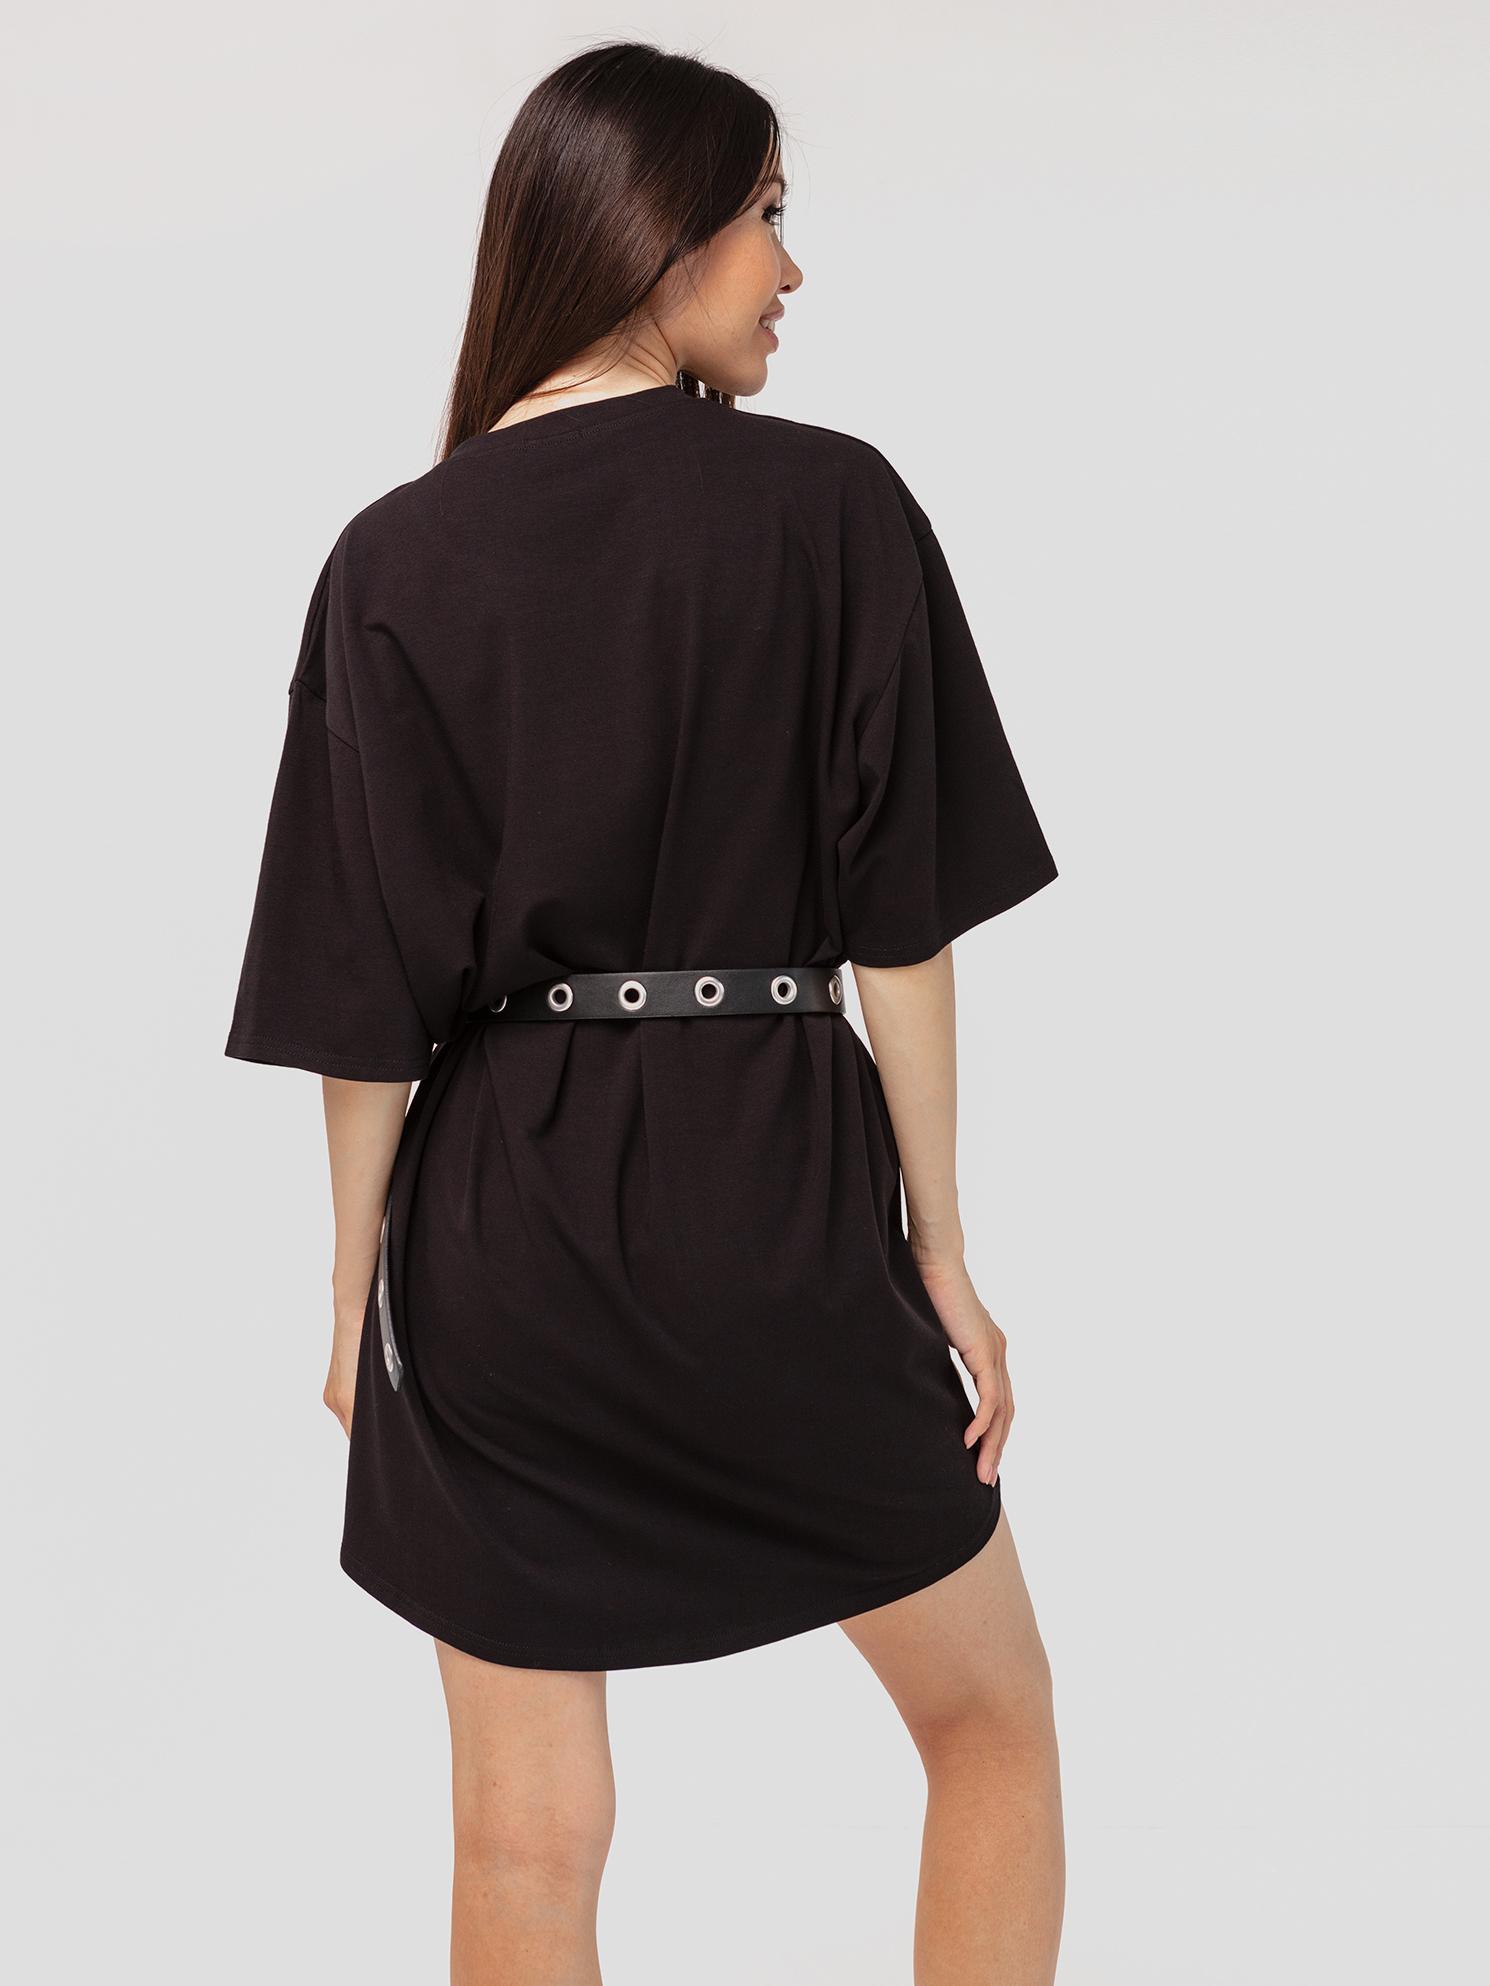 Платье-футболка хлопковое черное YOS от украинского бренда Your Own Style